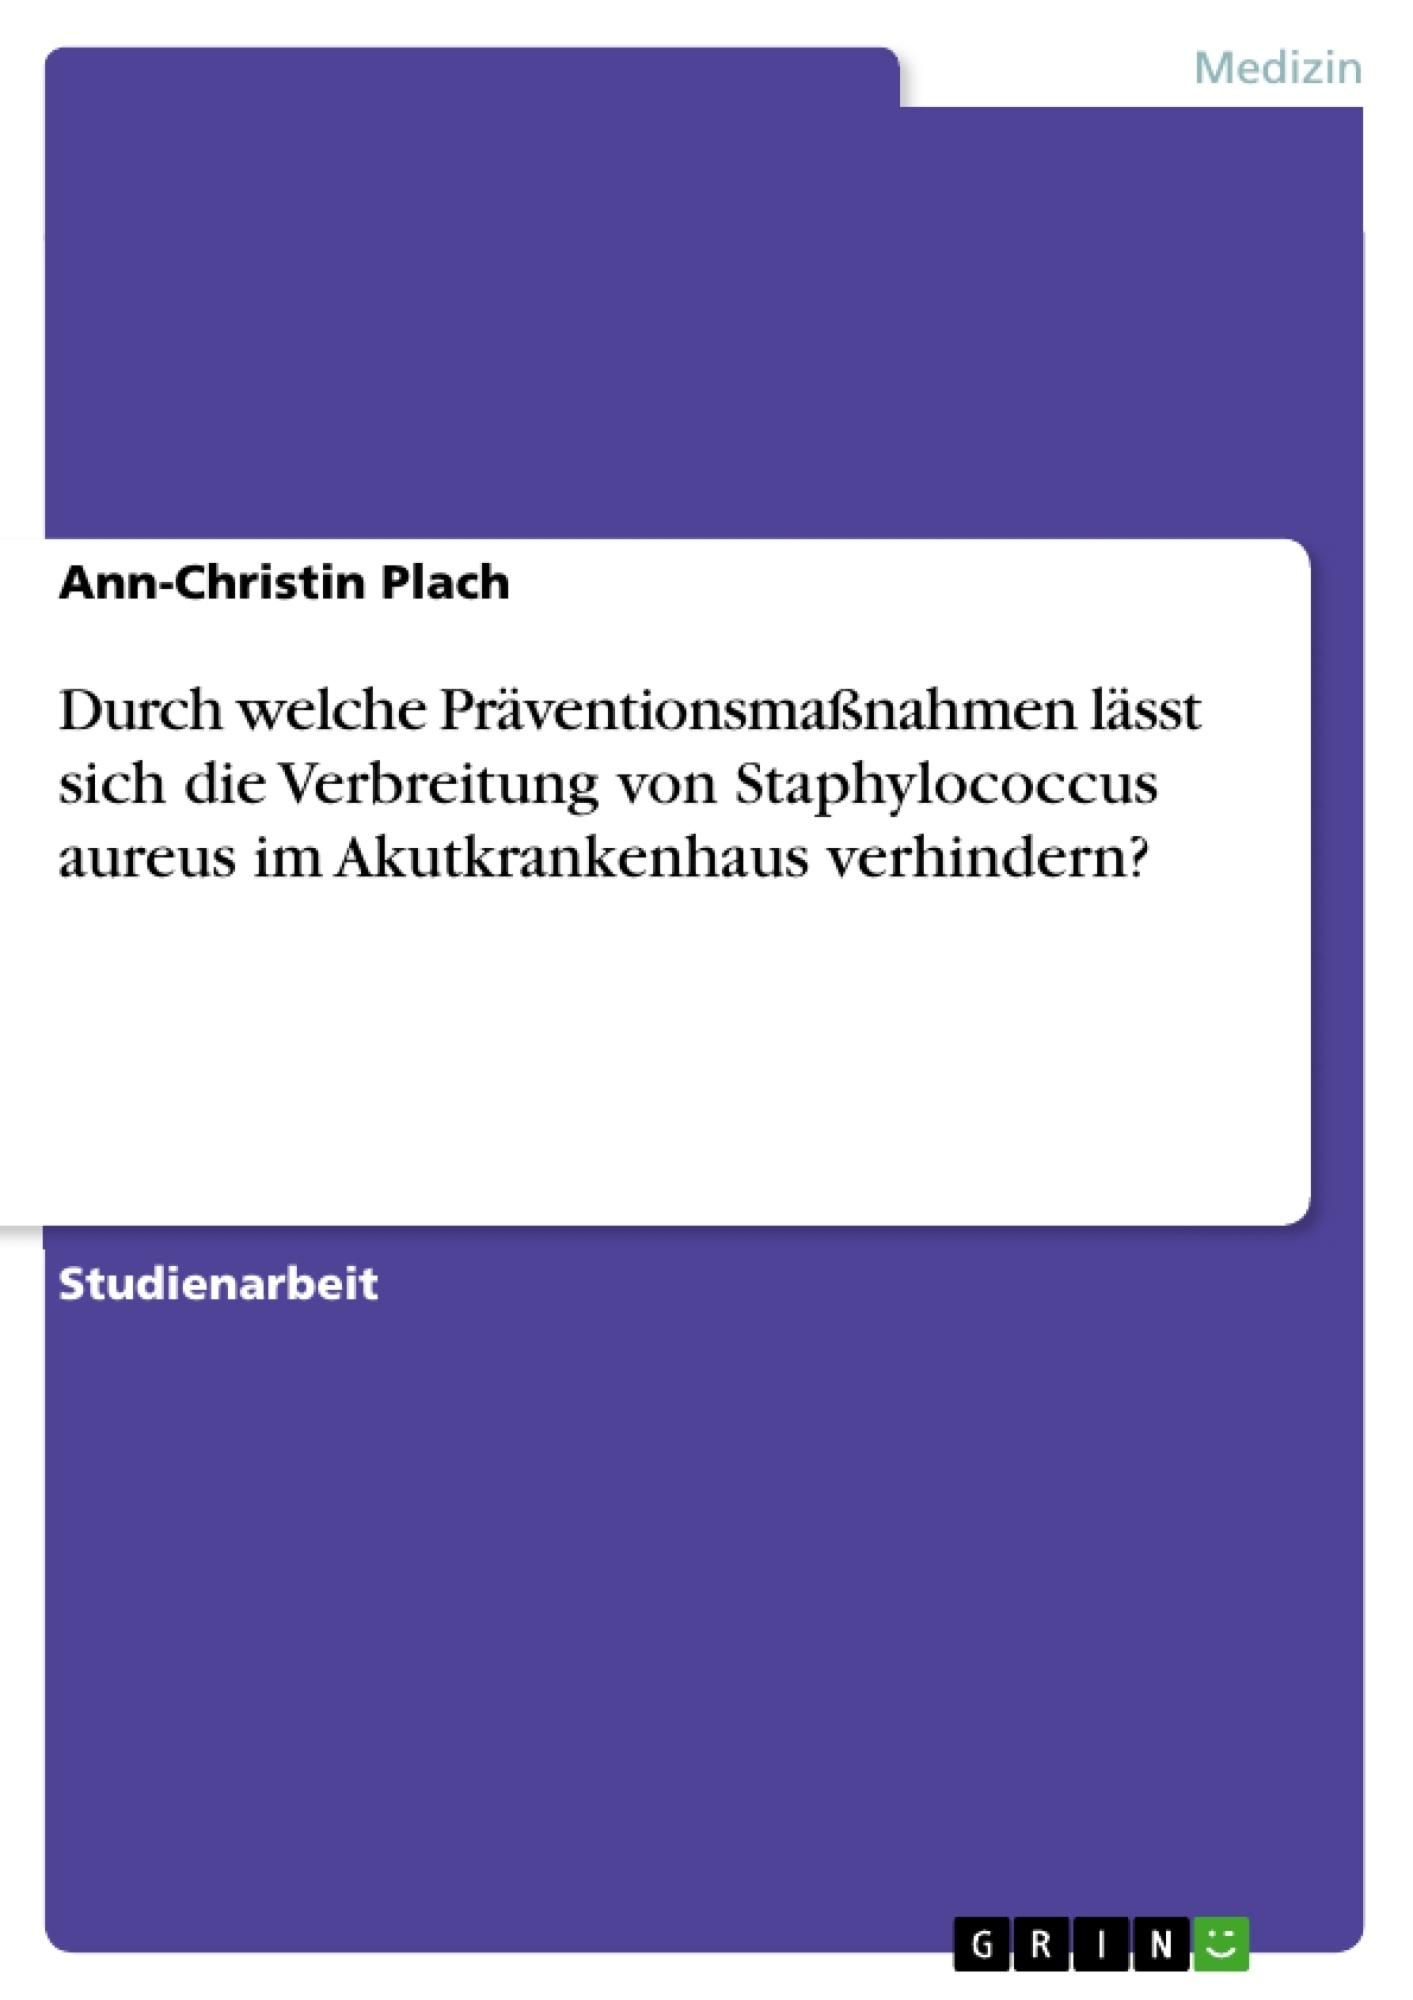 Titel: Durch welche Präventionsmaßnahmen lässt sich die Verbreitung von Staphylococcus aureus im Akutkrankenhaus verhindern?